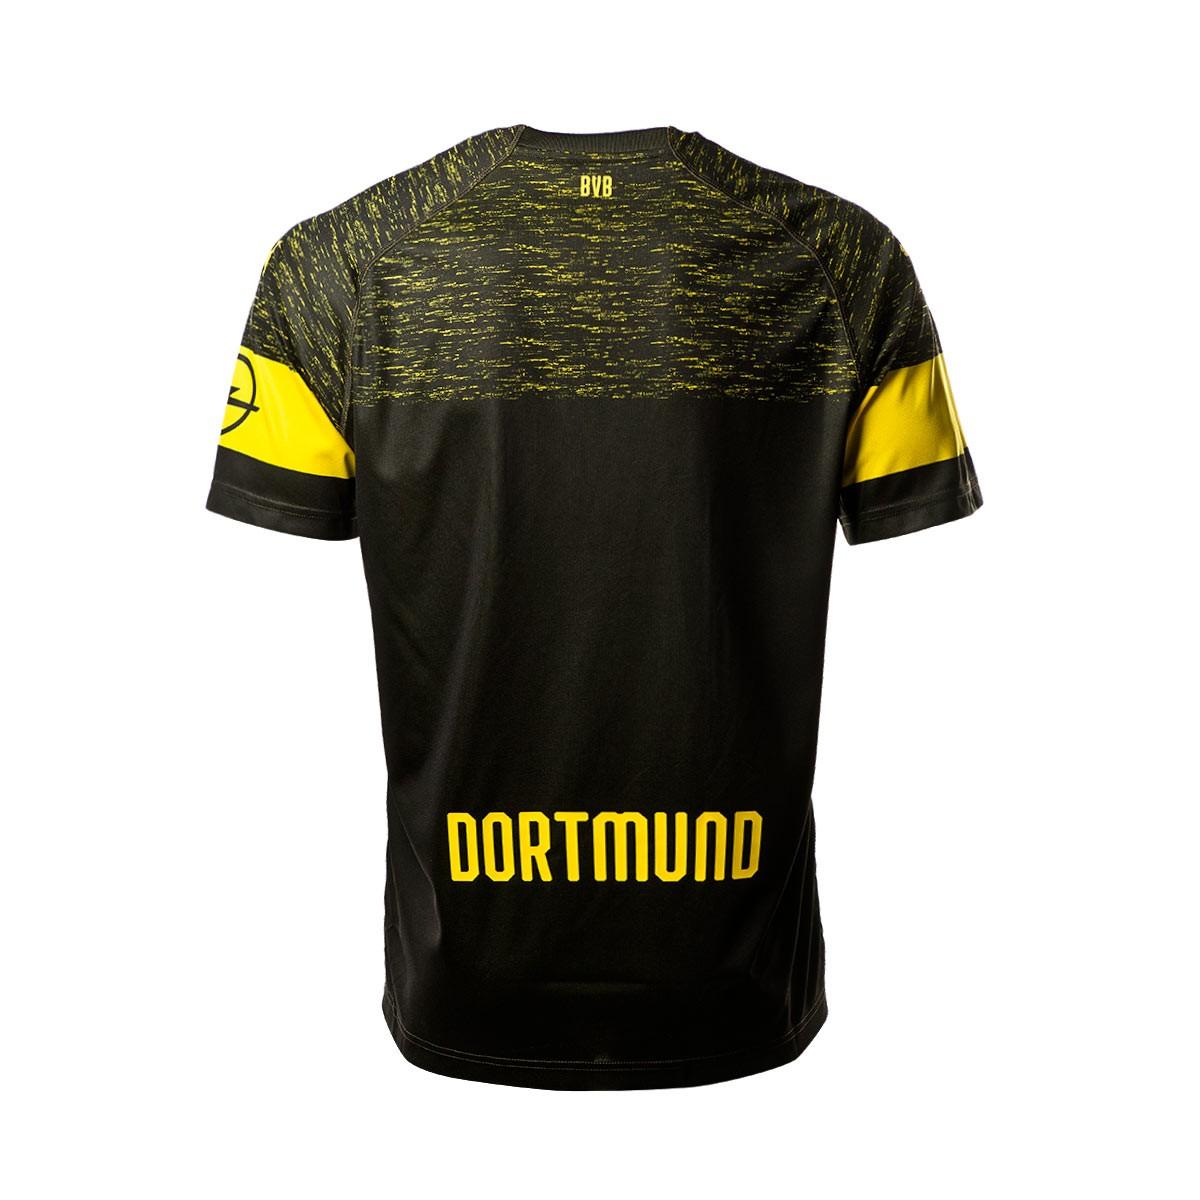 check out dc7d9 7e139 Camiseta BVB Borussia Dortmund Opel Evonik Segunda Equipación 2018-2019  Niño Puma black